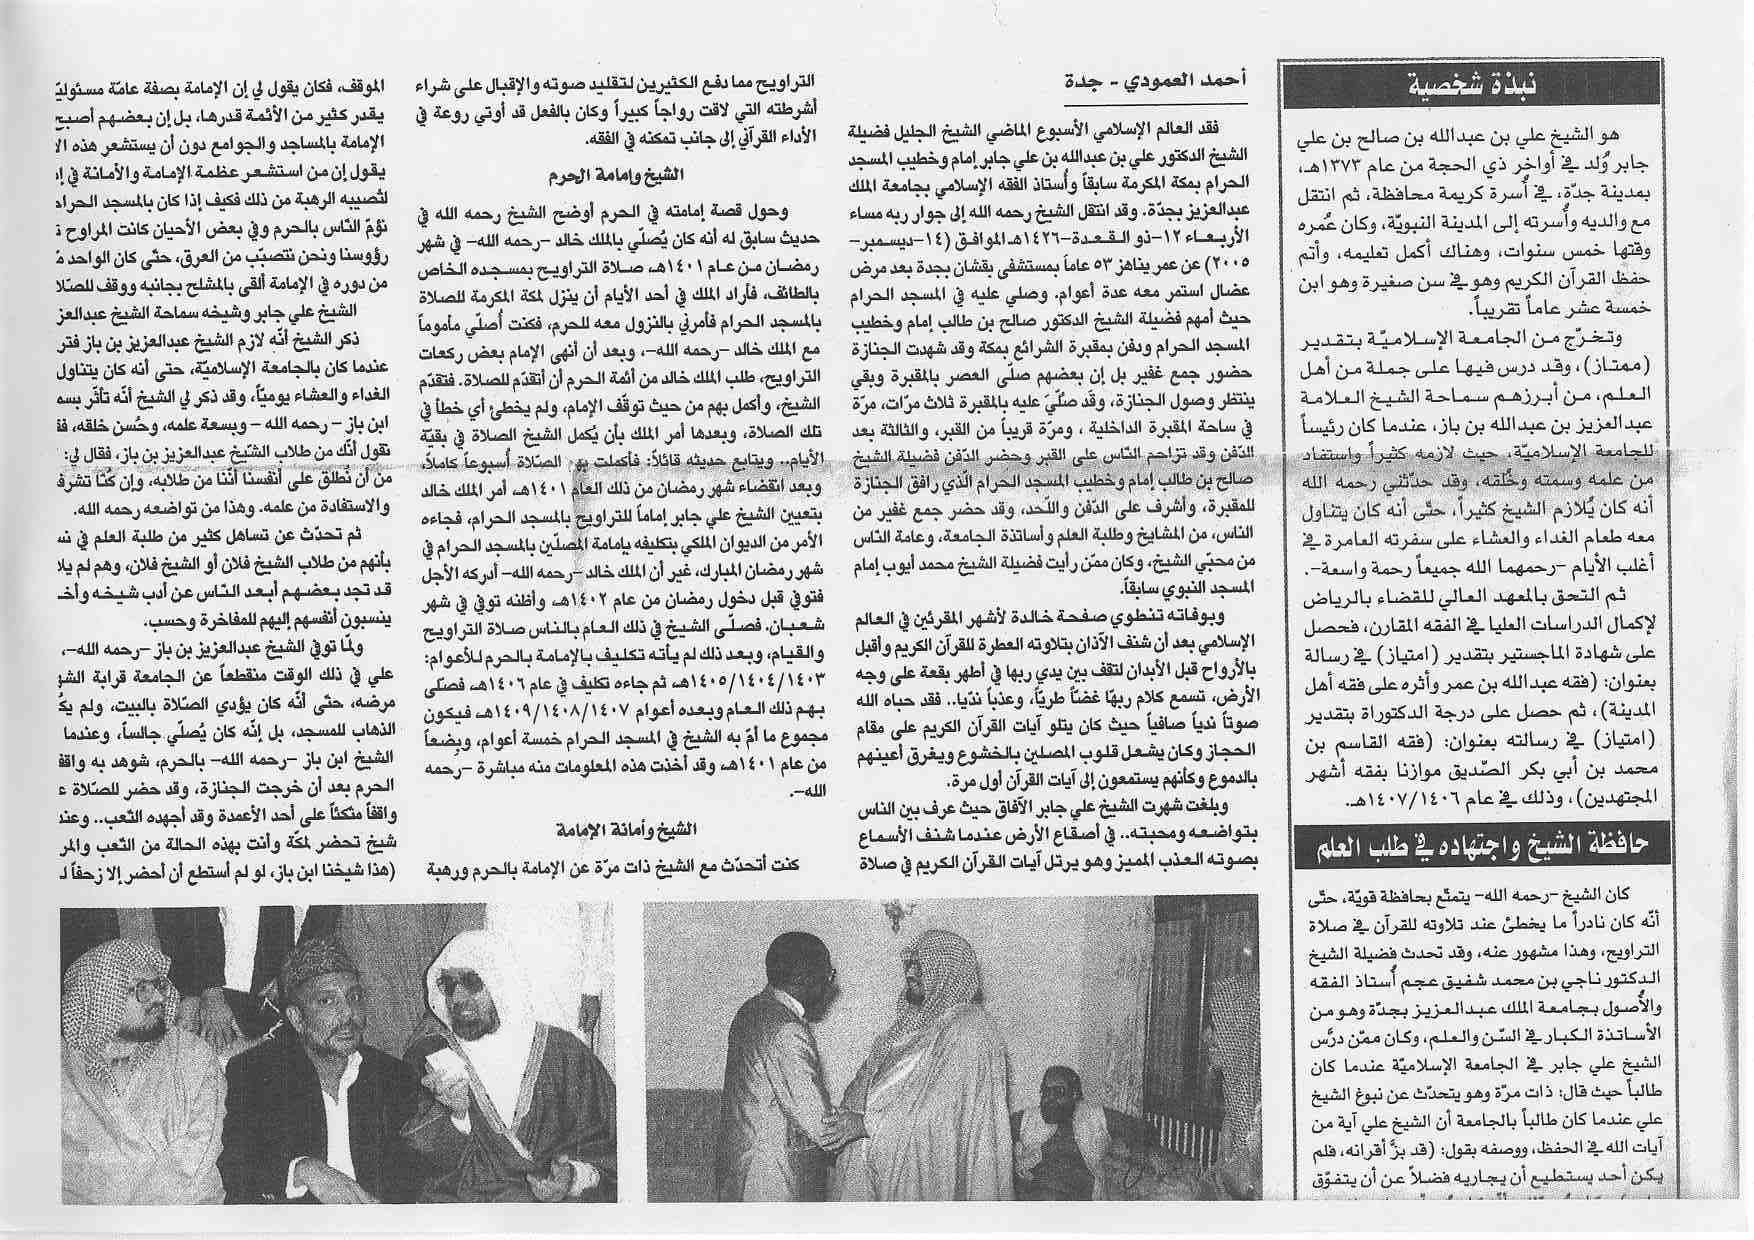 رحيل الشيخ علي جابر 3